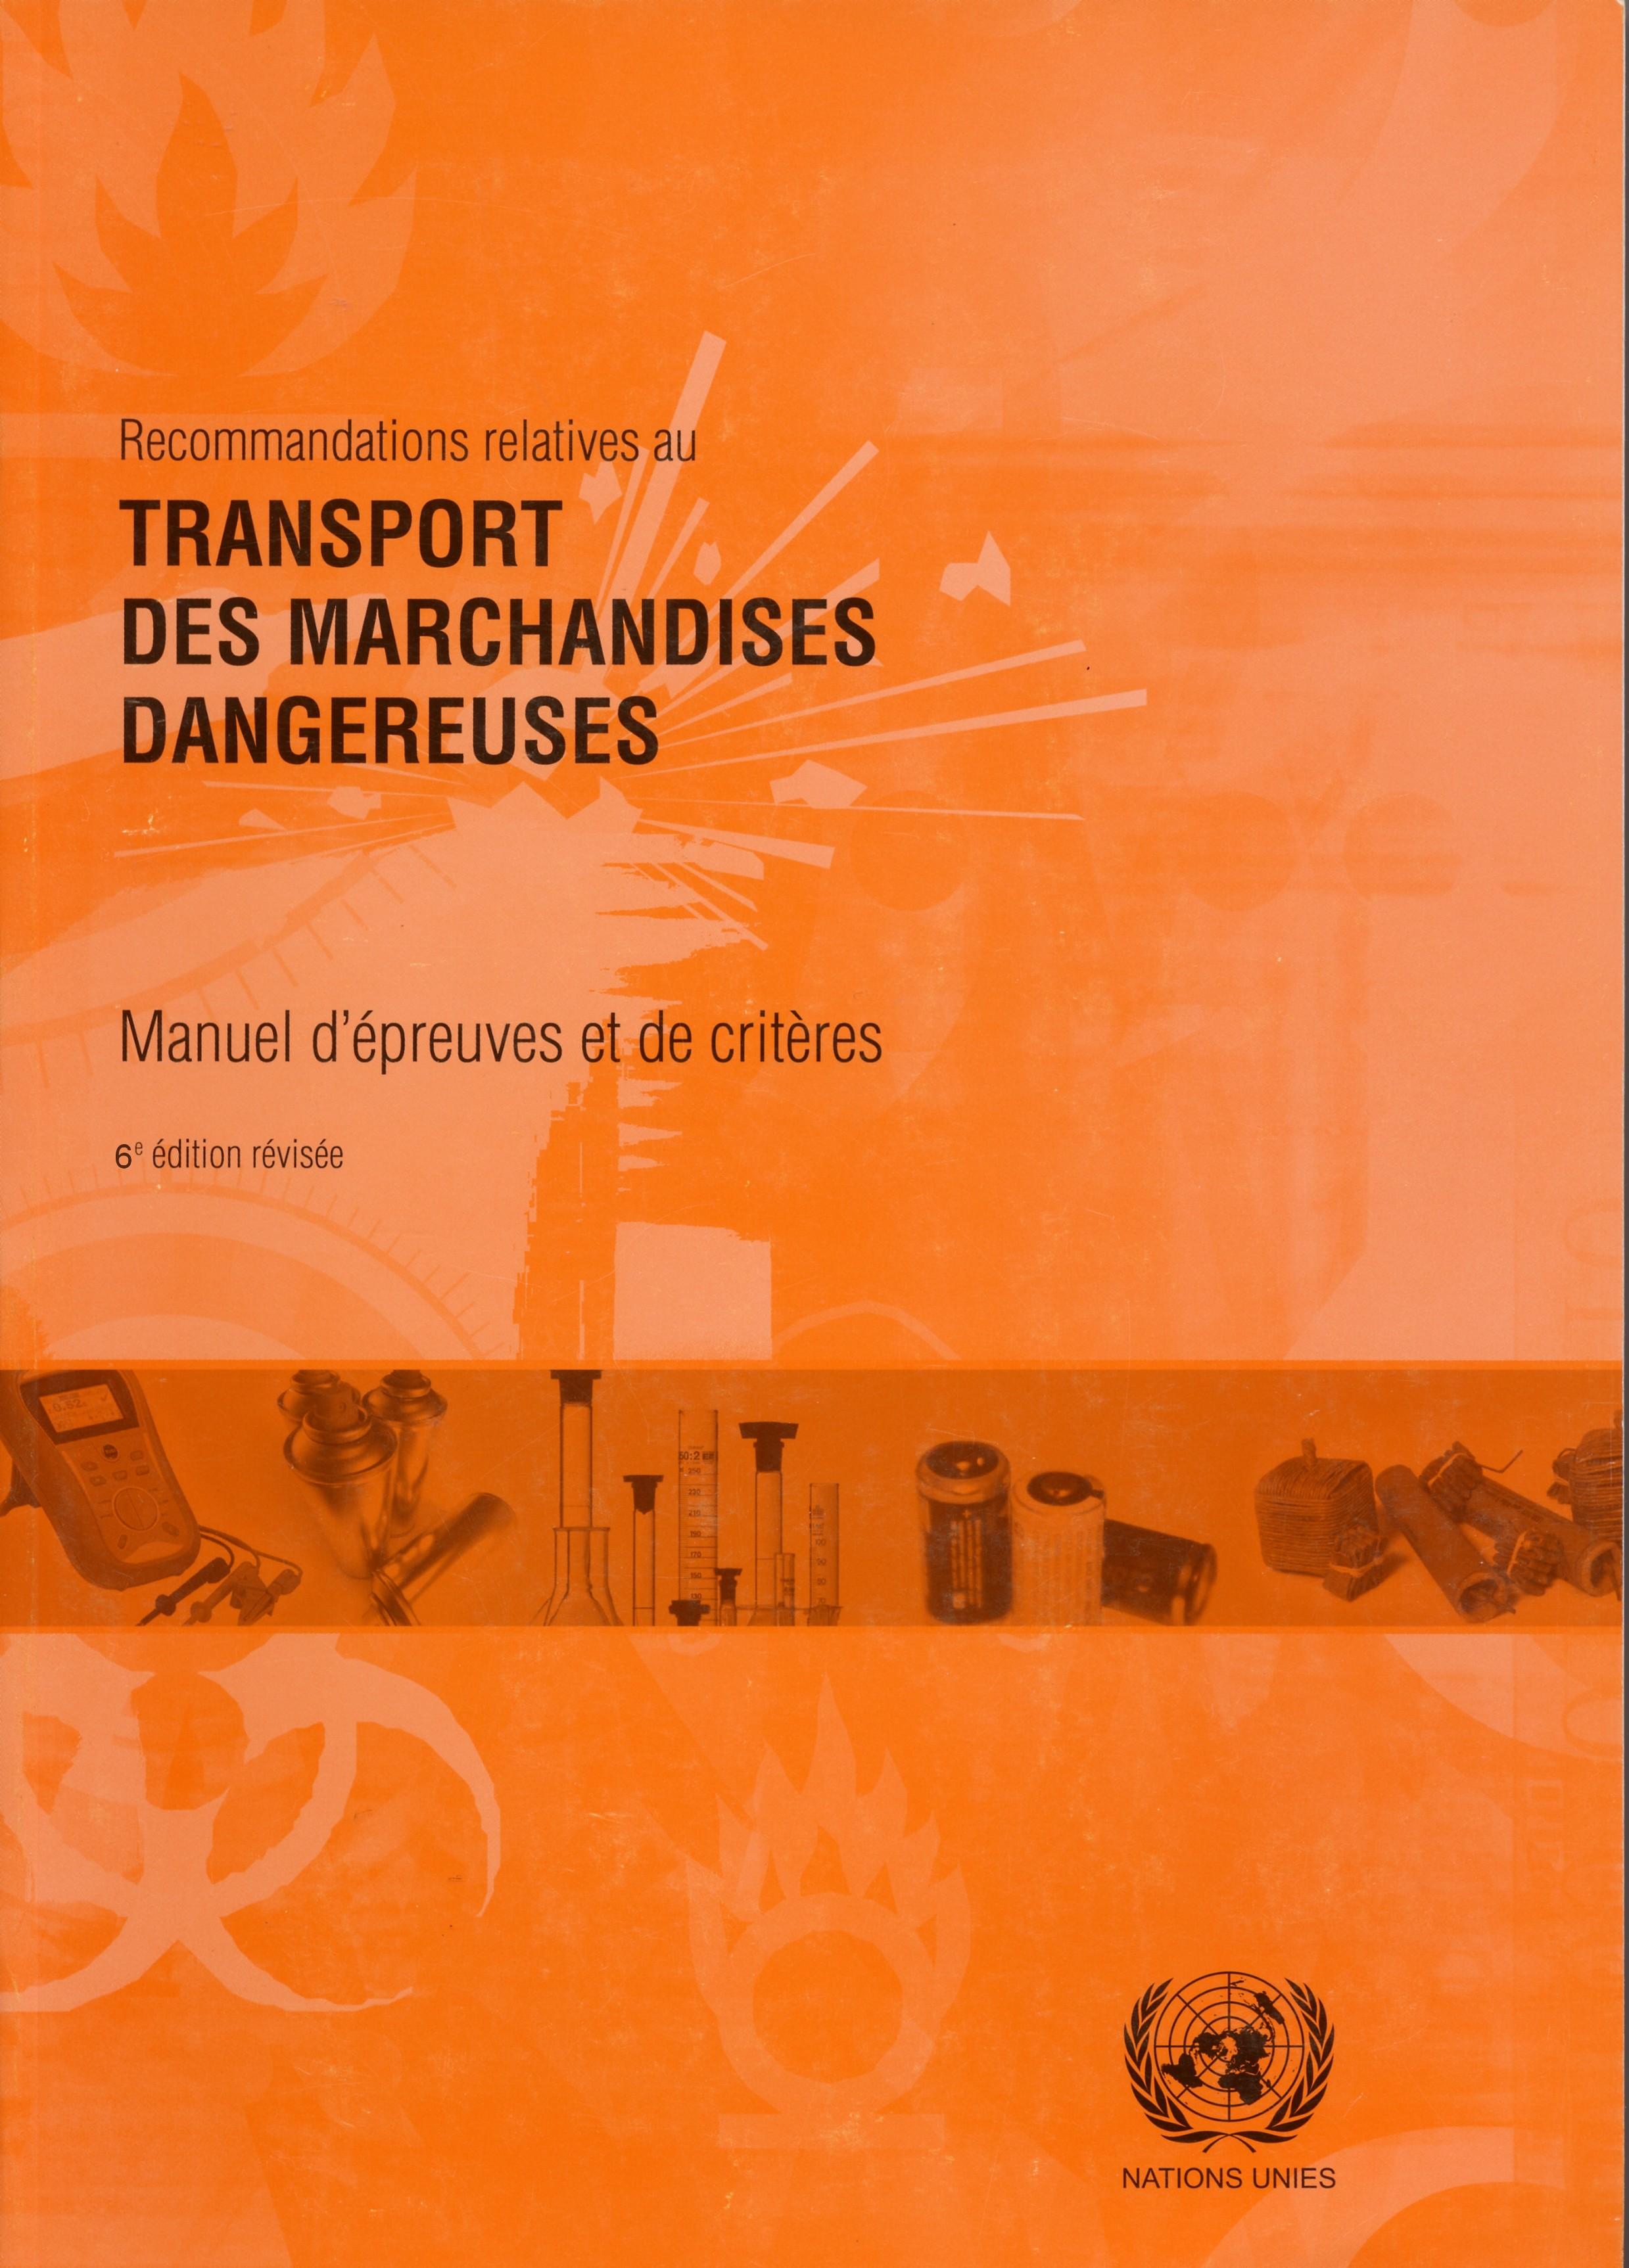 Manuel D Epreuves Et Criteres Onu 6eme Edition Form Edit